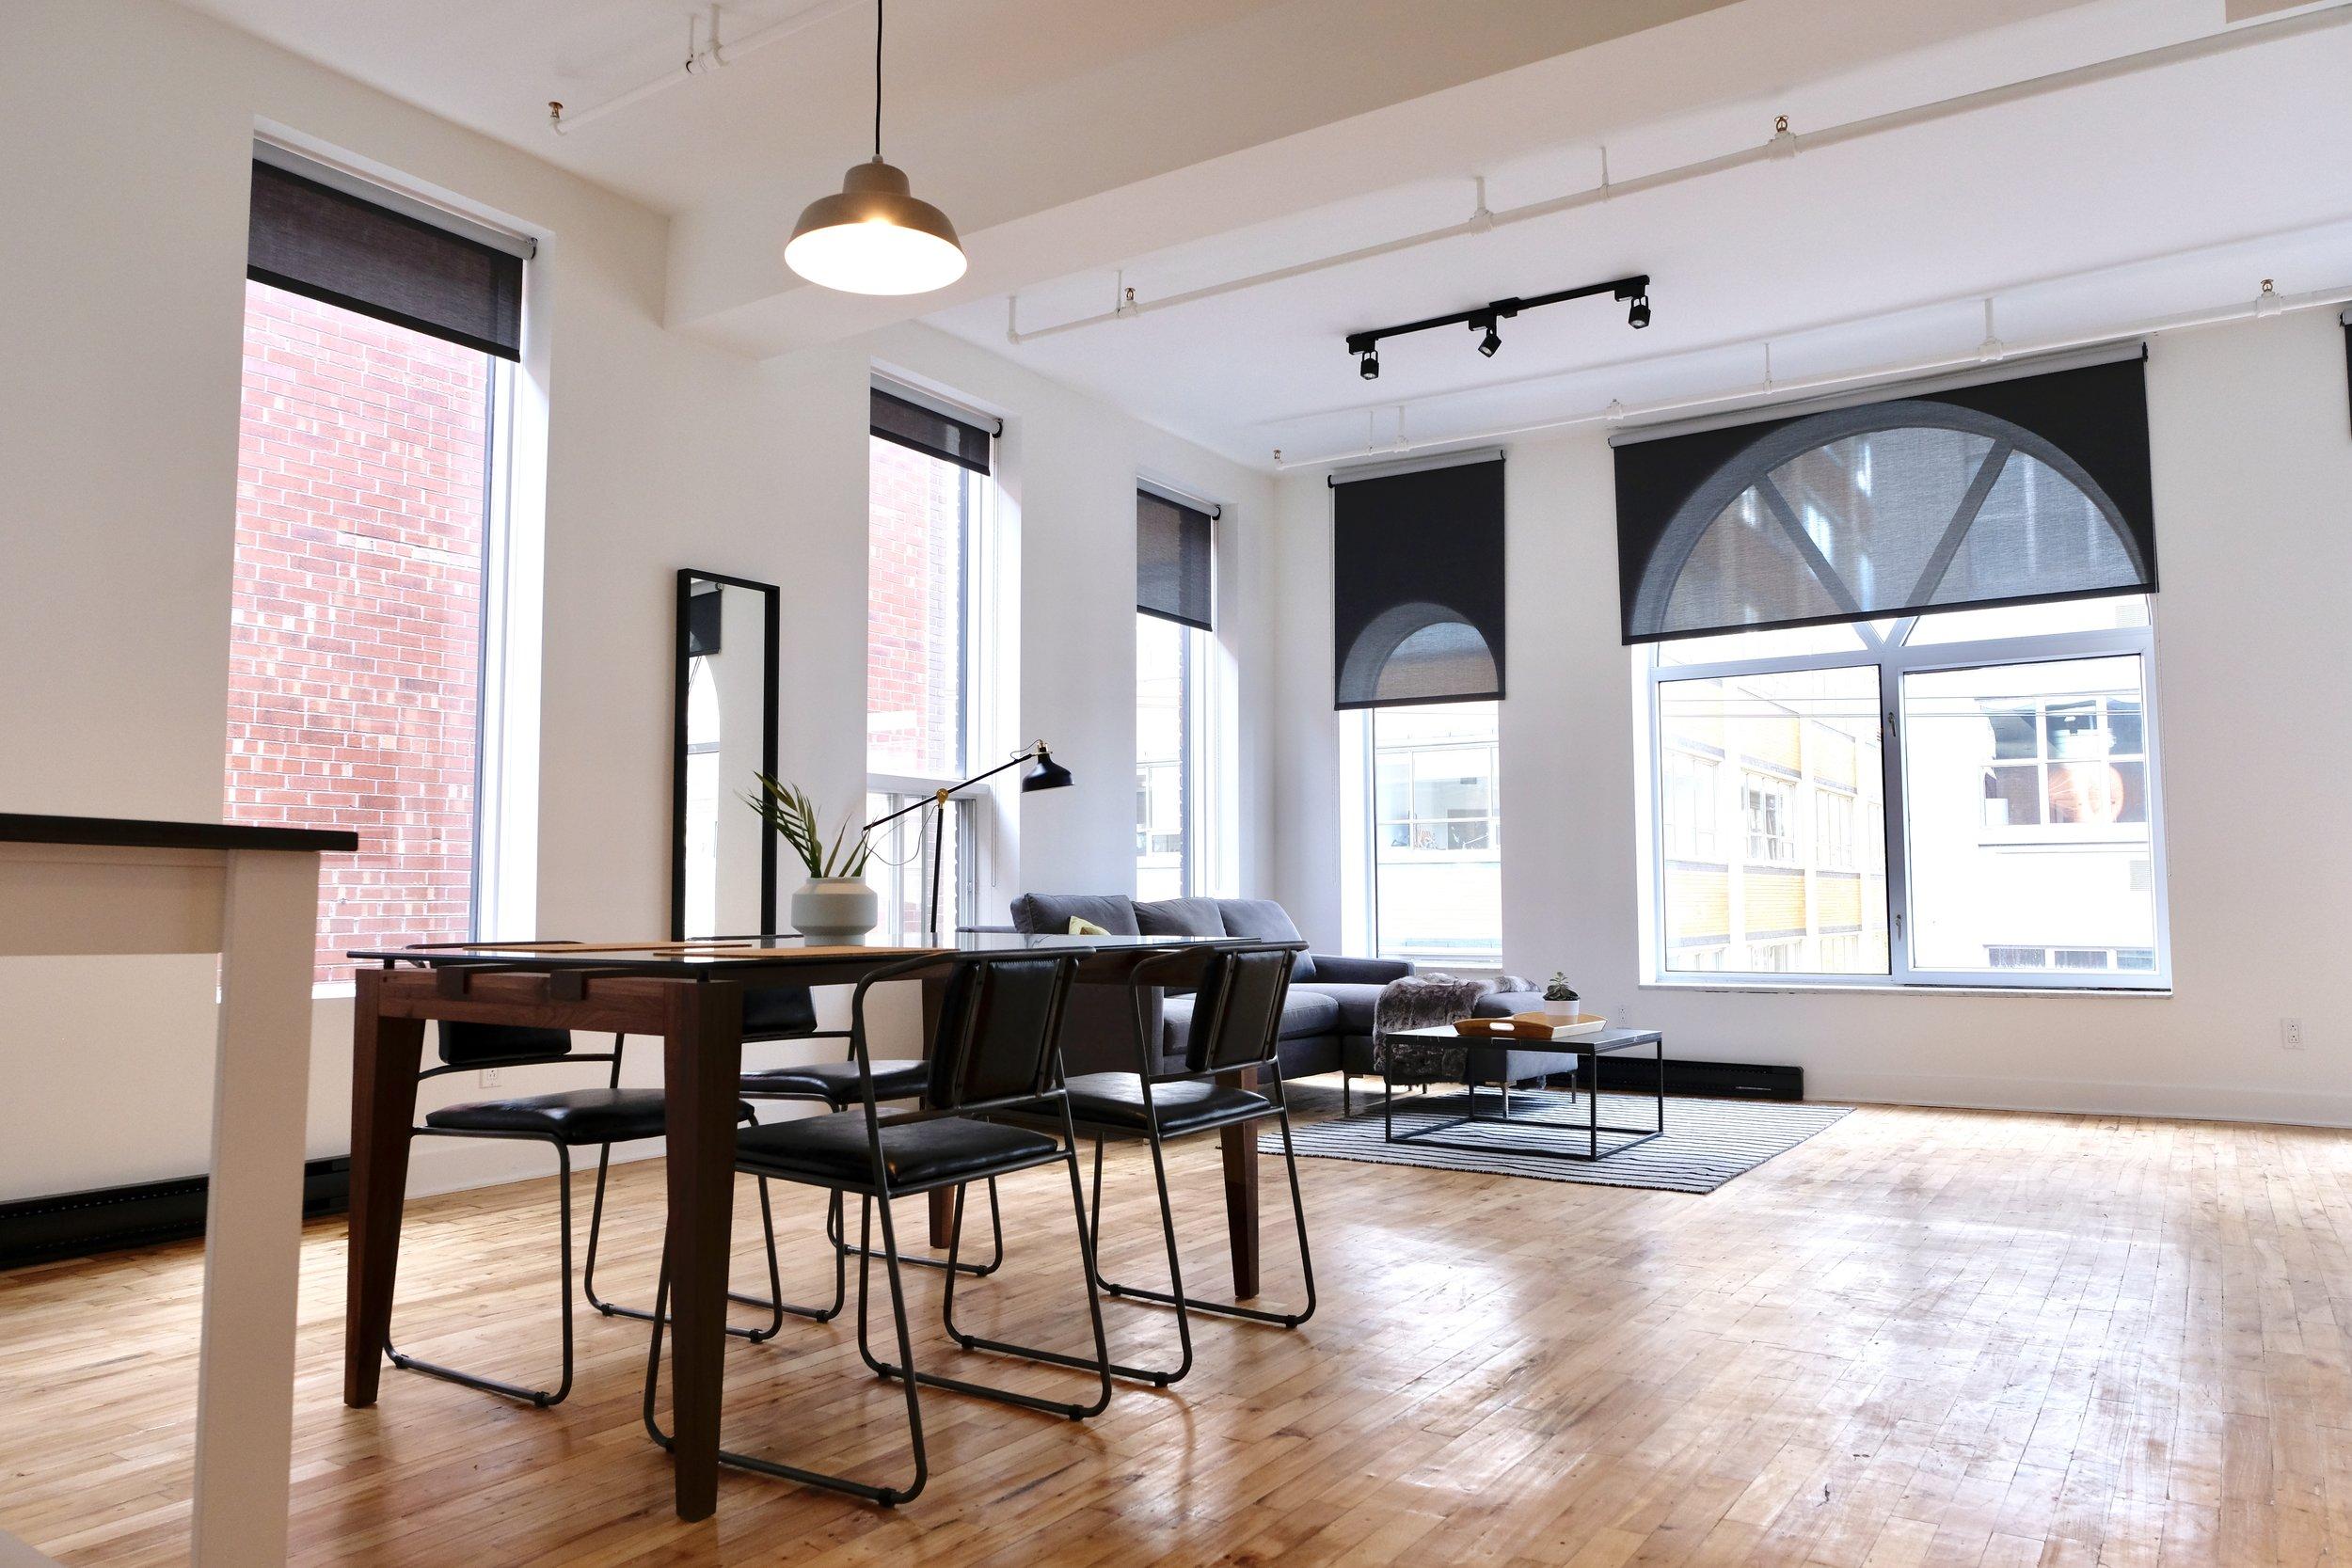 Lofts Clark - Entouré d'une architecture historique, les Lofts Clark est un projet moderne de plusieurs lofts avec un aspect distinctif. Ces lofts spacieux sont fonctionnels et décorés avec style. Il s'agit là d'un cadre idéal pour les professionnels, les jeunes familles et les retraités.